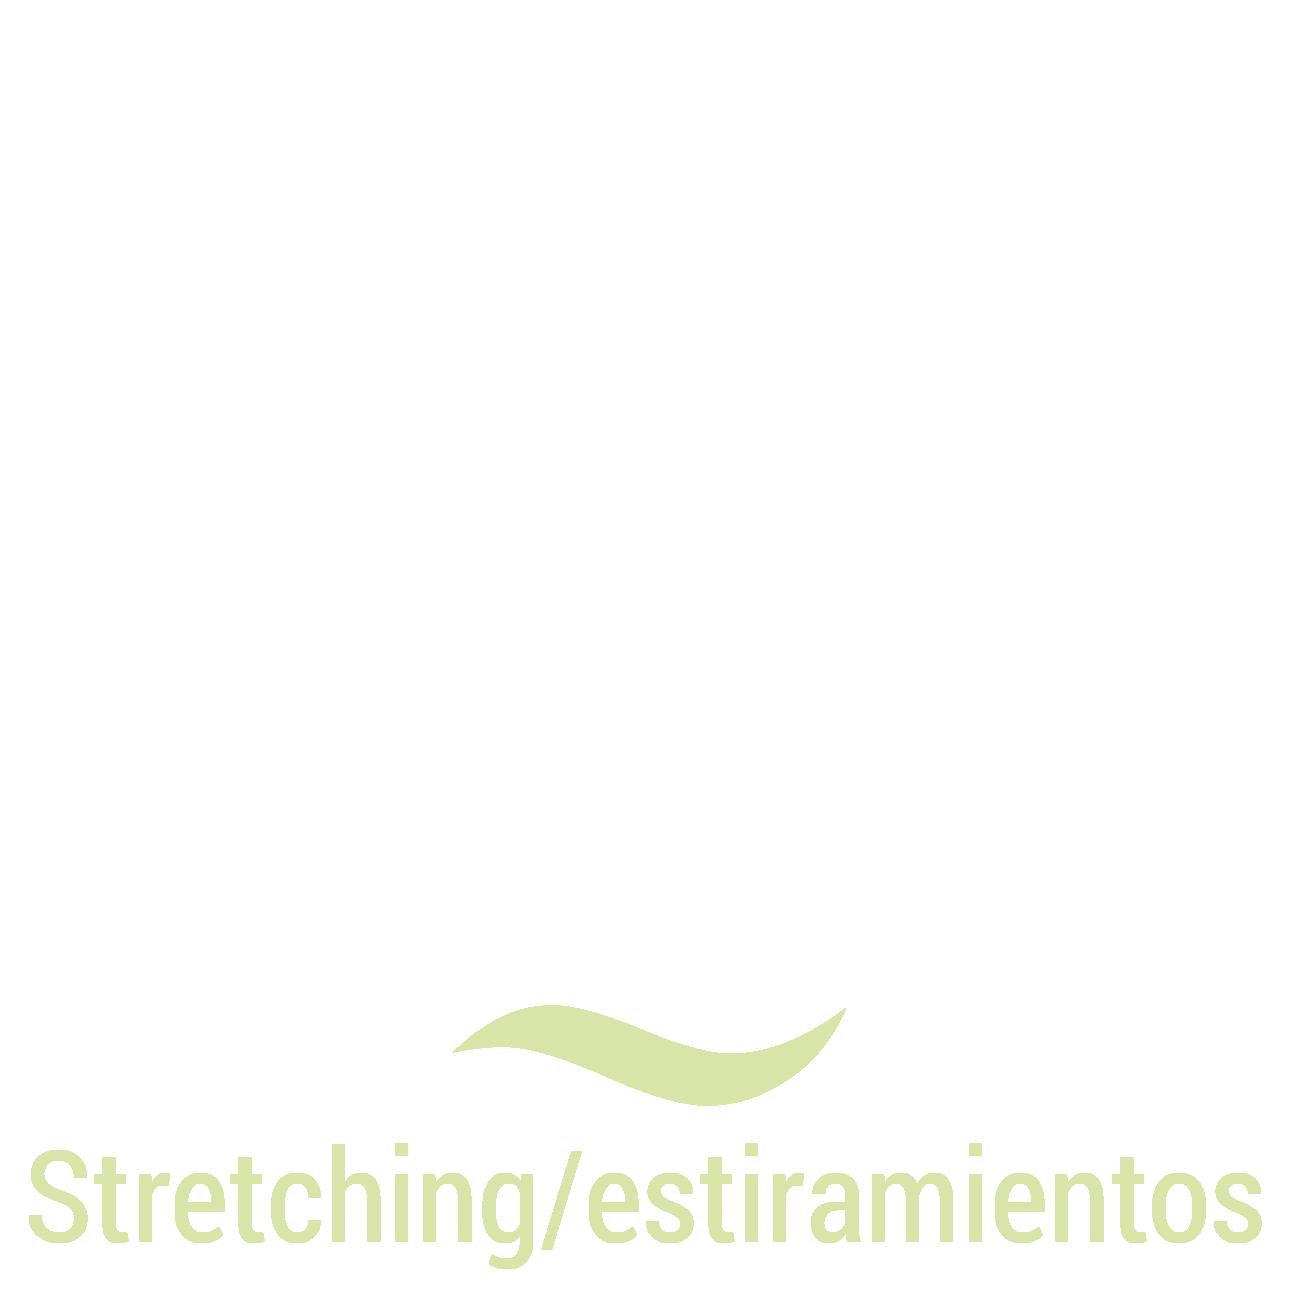 Streching / Estiramientos